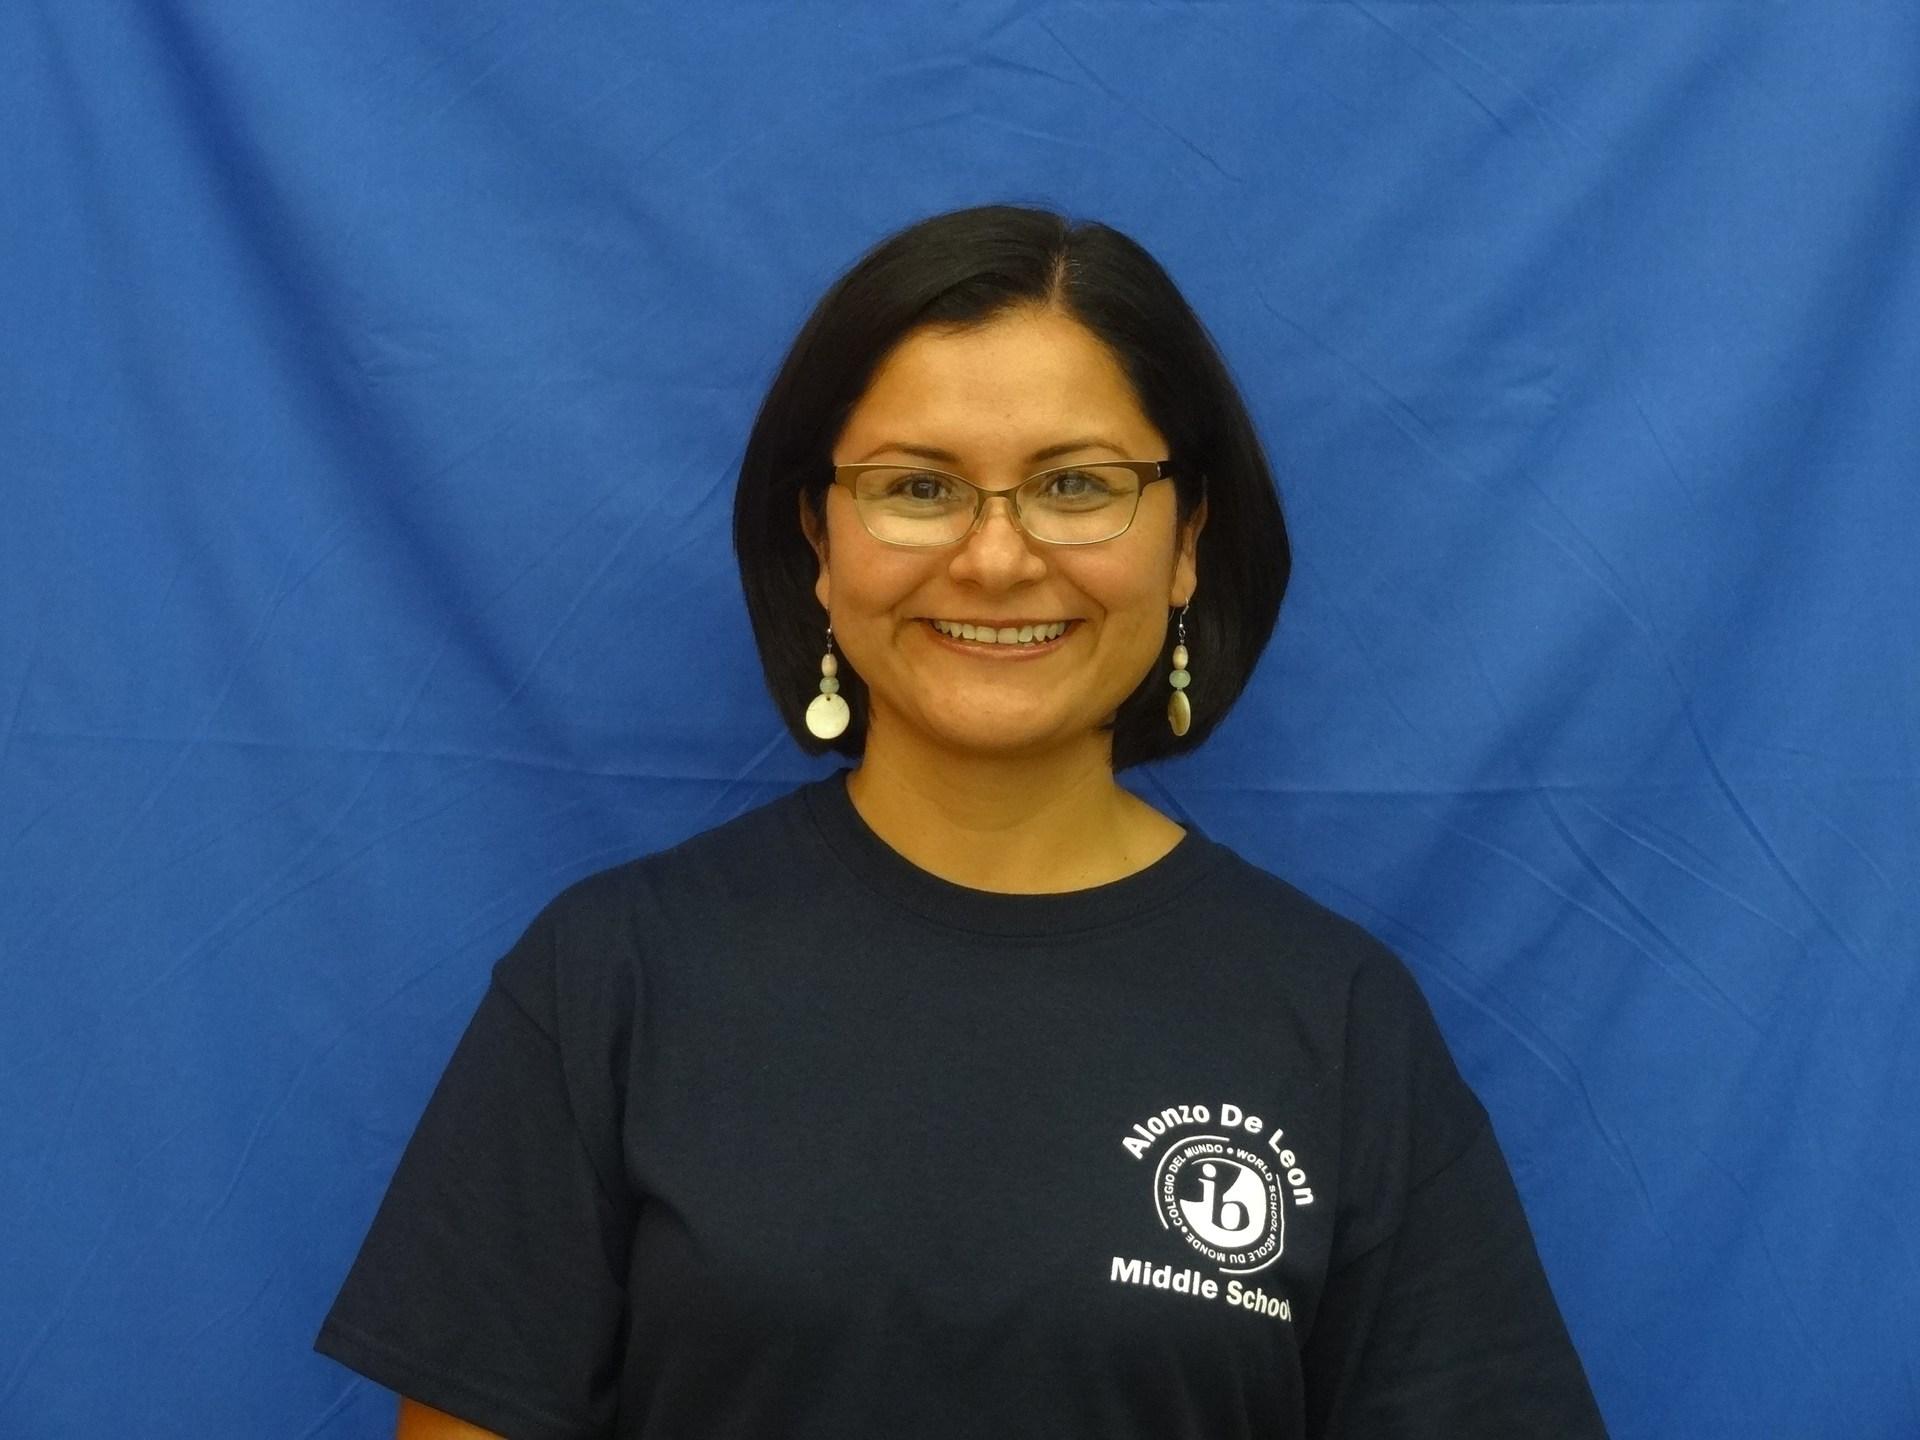 Mrs. R. Nava